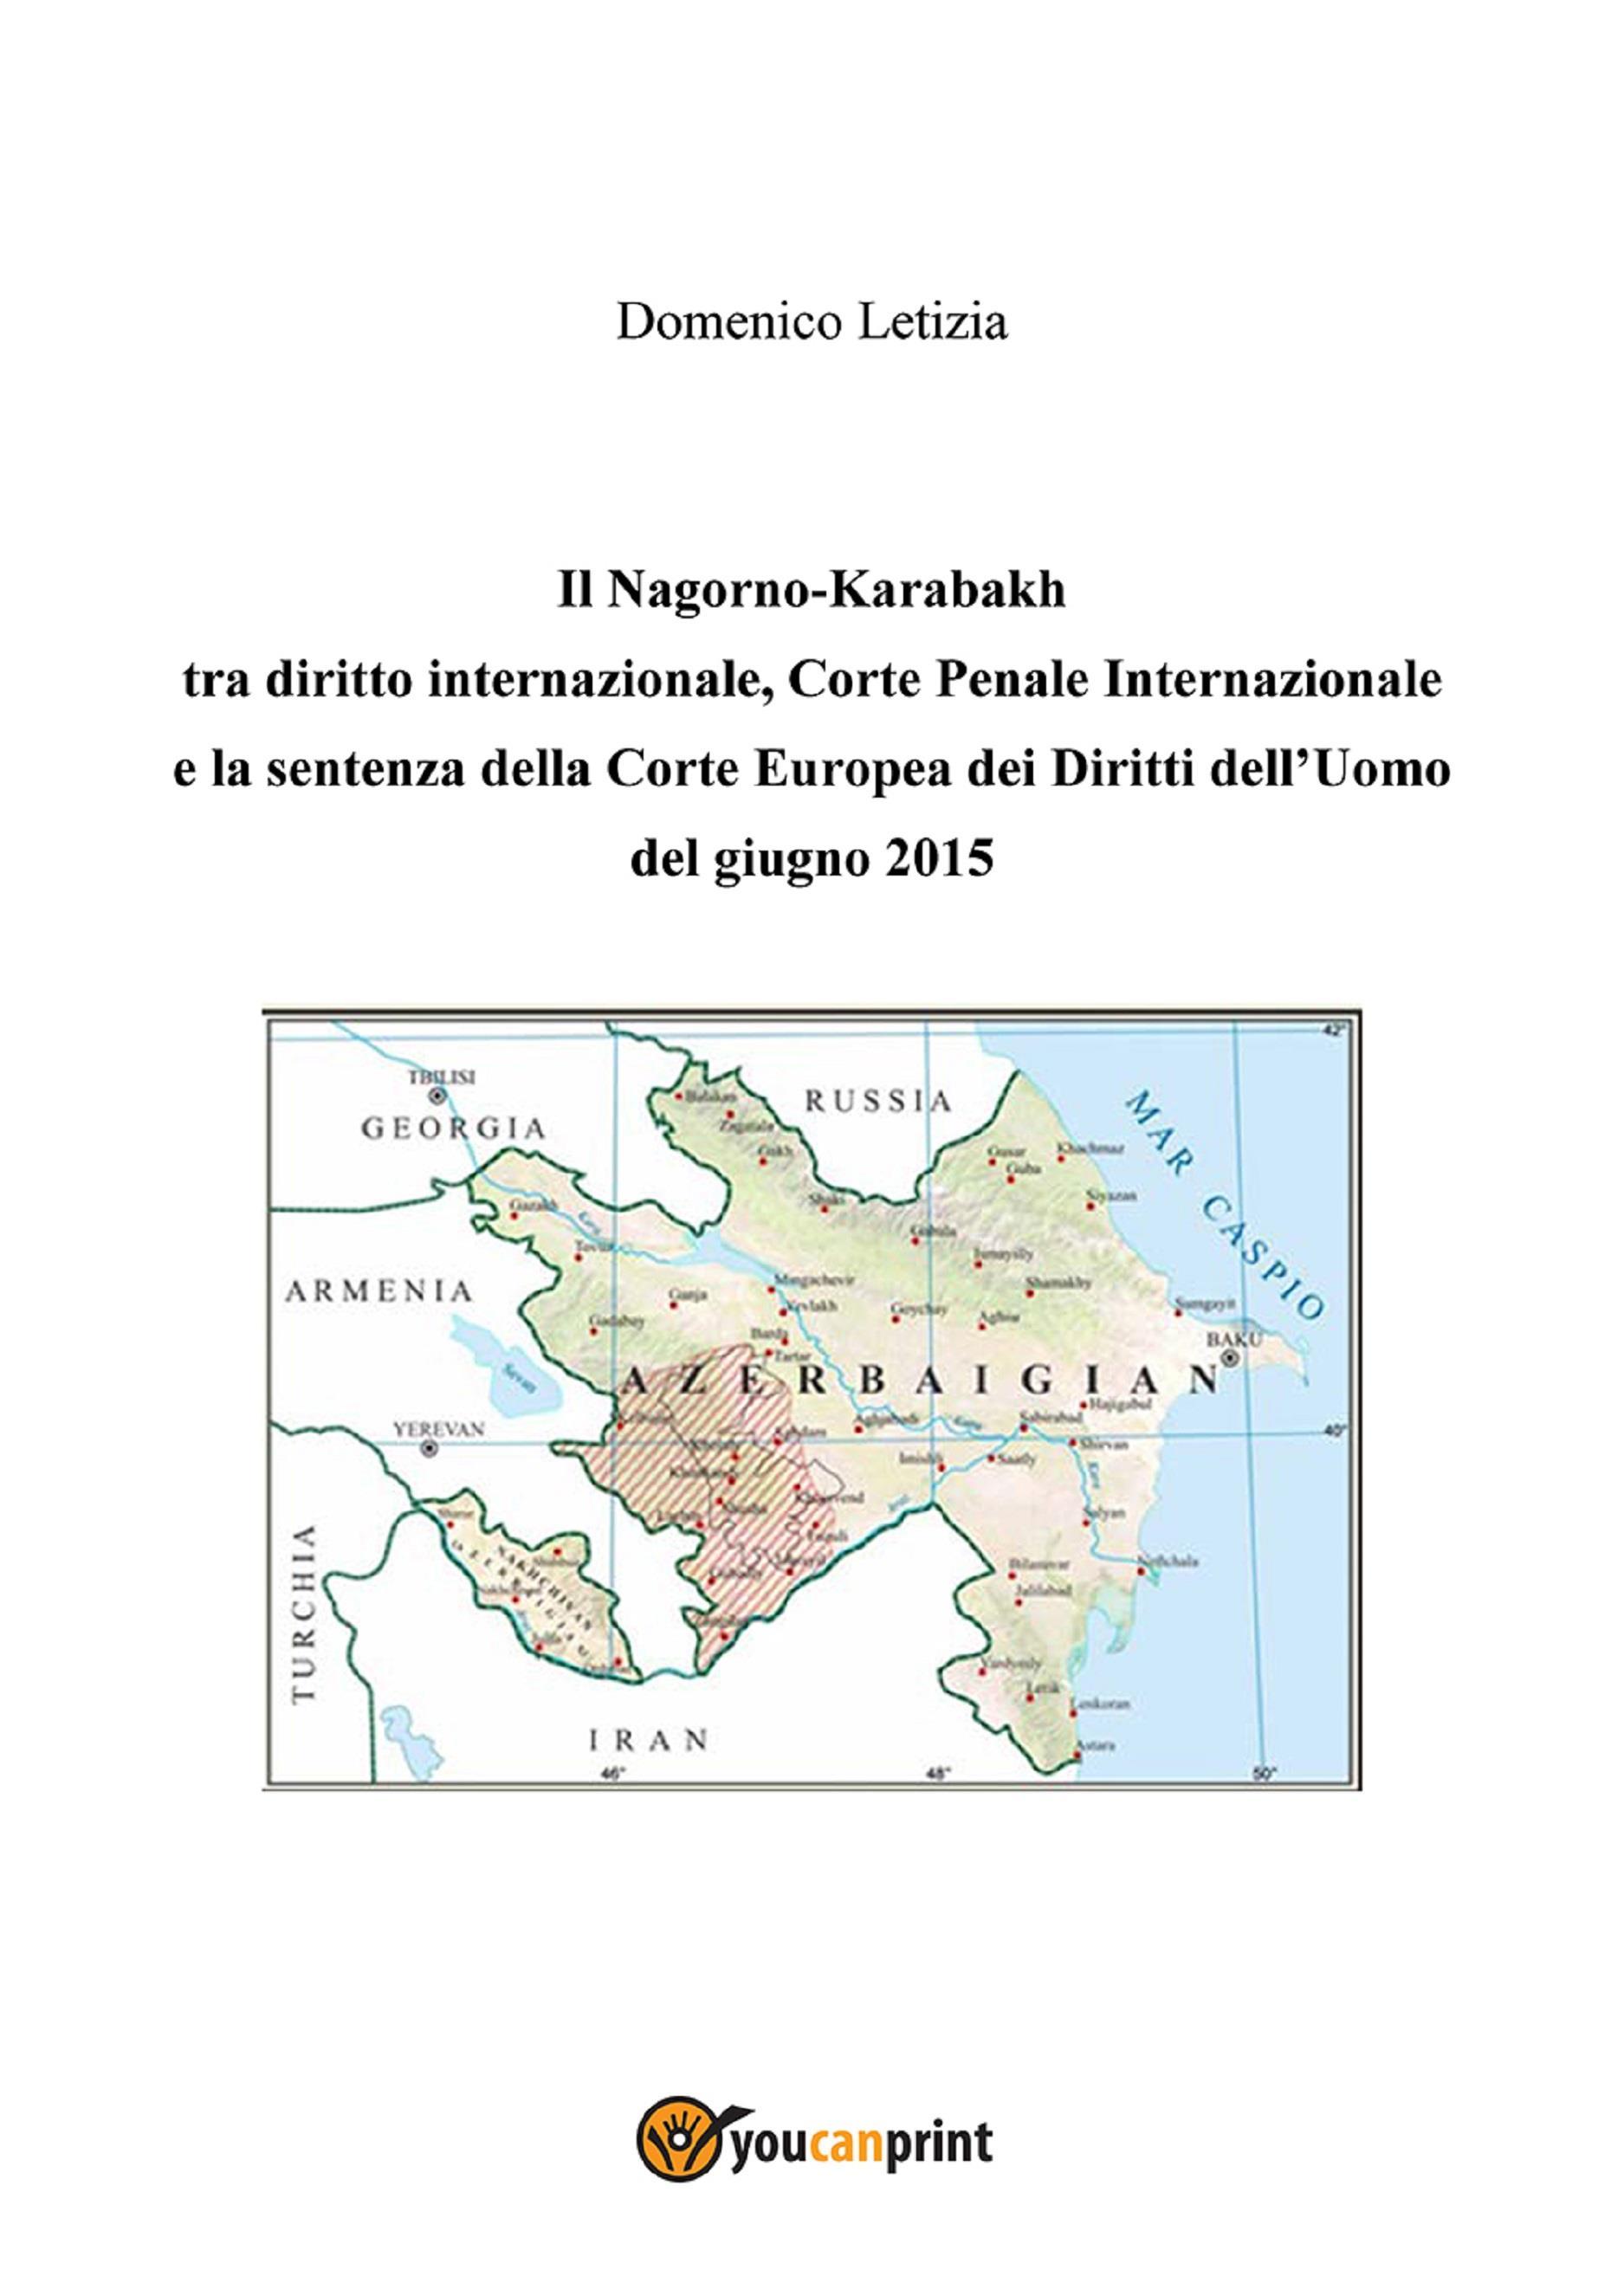 Il Nagorno-Karabakh tra diritto internazionale, Corte Penale Internazionale e la sentenza della Corte Europea dei Diritti dell'Uomo del giugno 2015